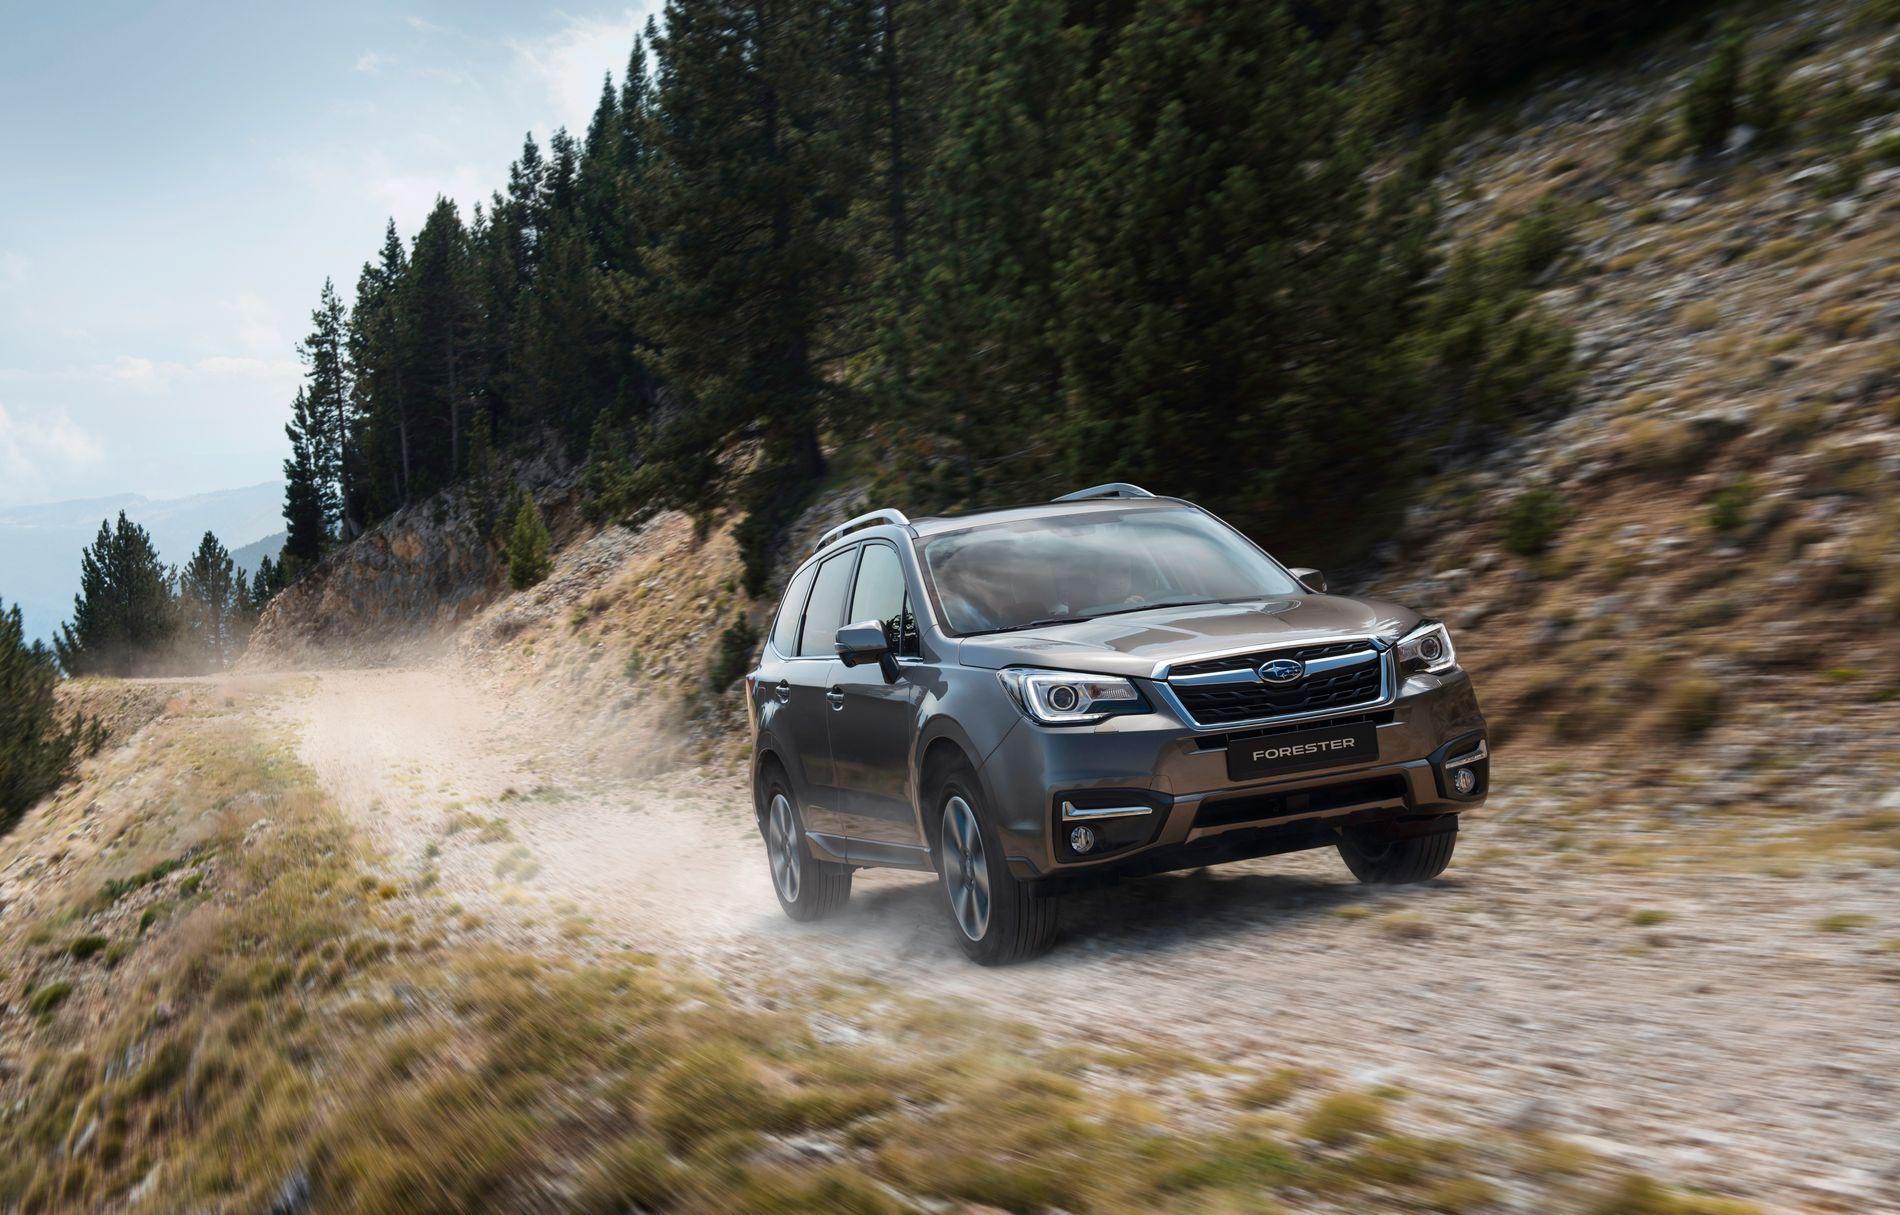 UNNGIKK ELGEN: Dette er nye Subaru Forester. Modellen har EyeSight førerassistansesystem som sørget for at familien Østgård ikke fikk en elg i frontruten.